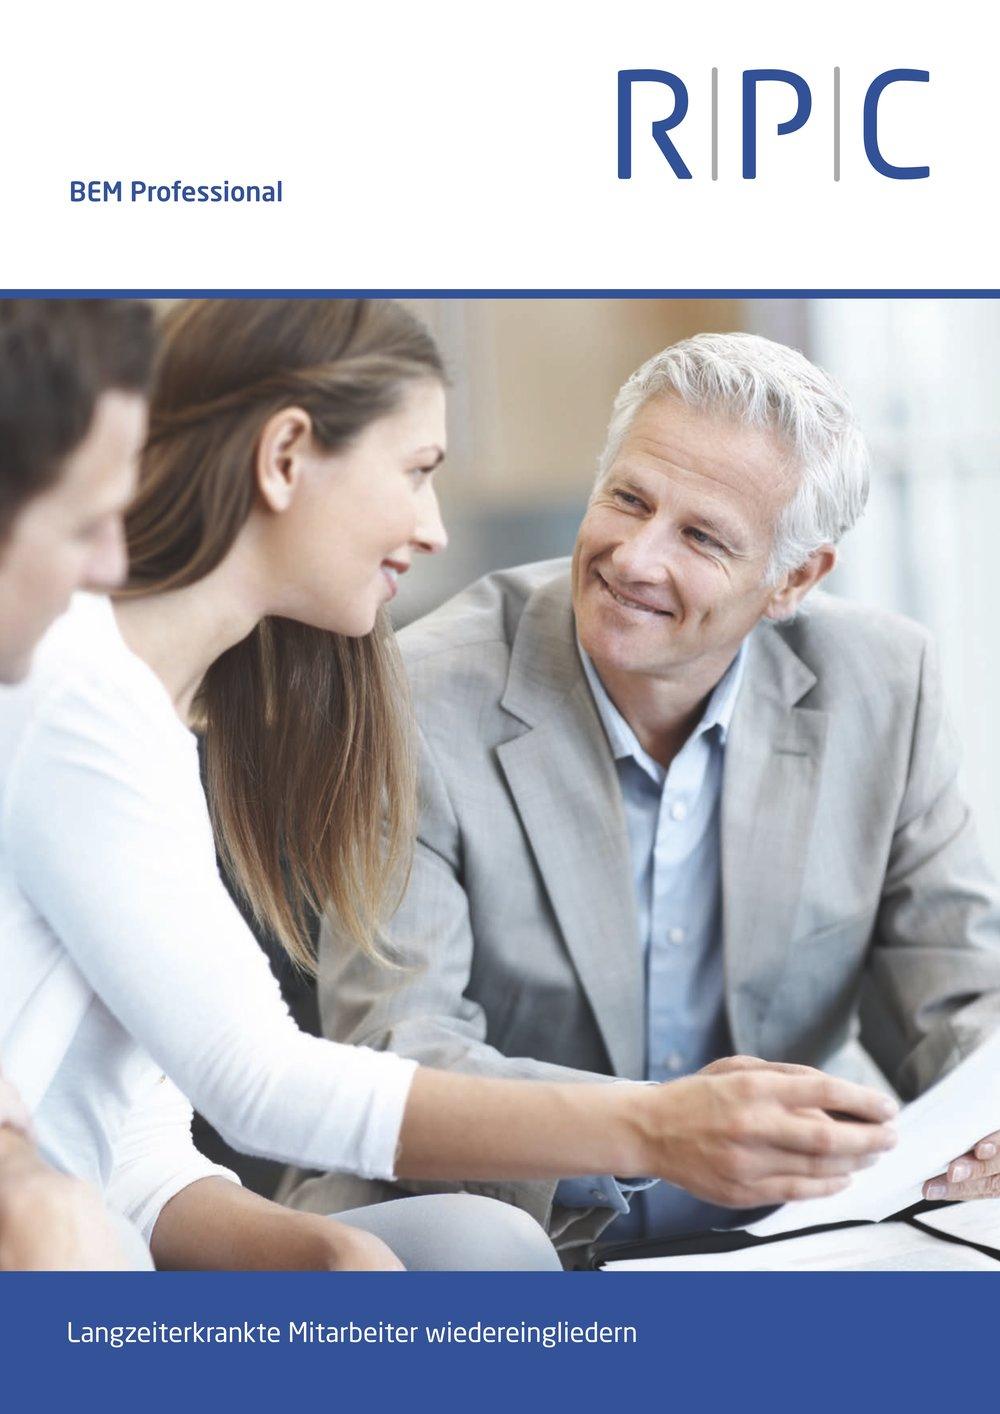 BEM Professional - Alle Informationen für Entscheider auf einen Blick